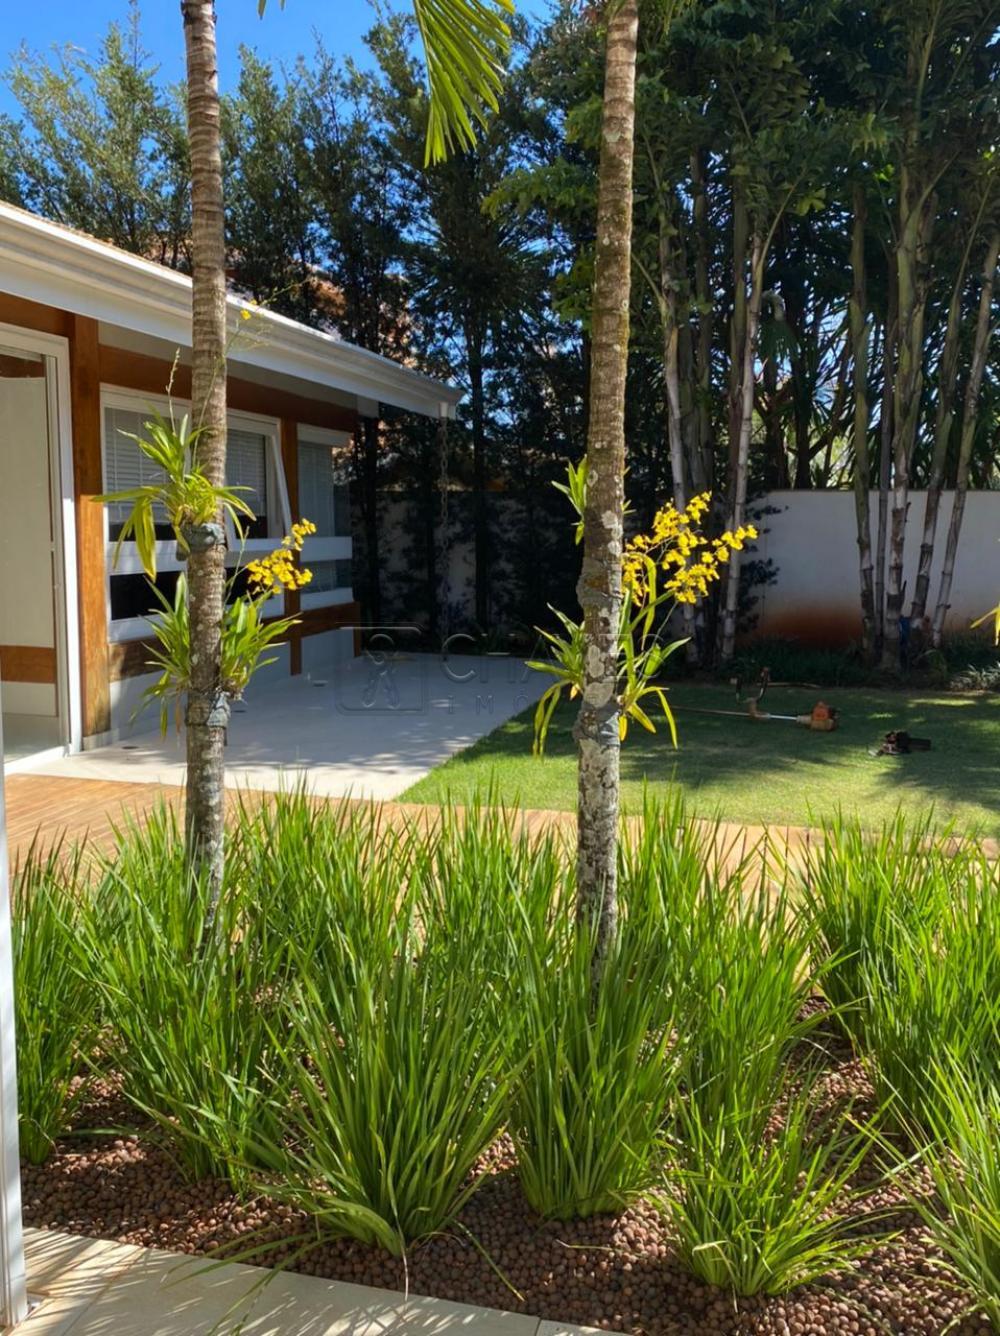 Comprar Casa / Condomínio em Ribeirão Preto R$ 4.900.000,00 - Foto 6